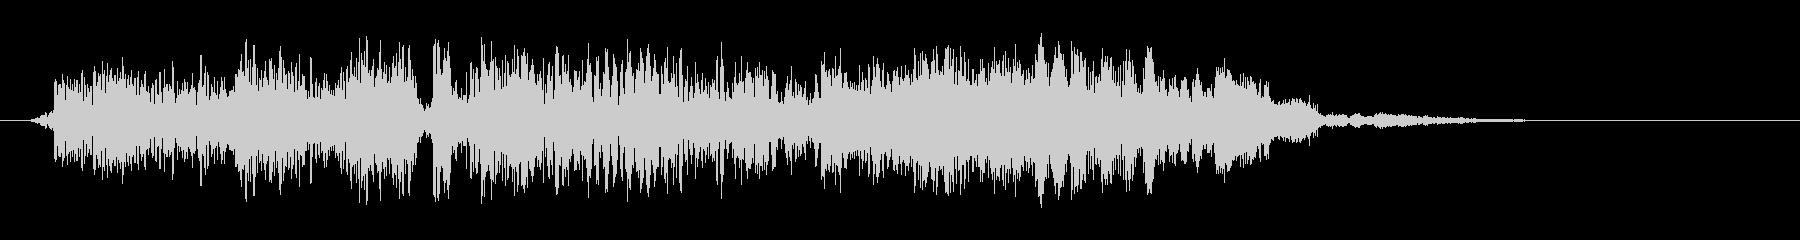 クイックスパッタリングZAP 4の未再生の波形